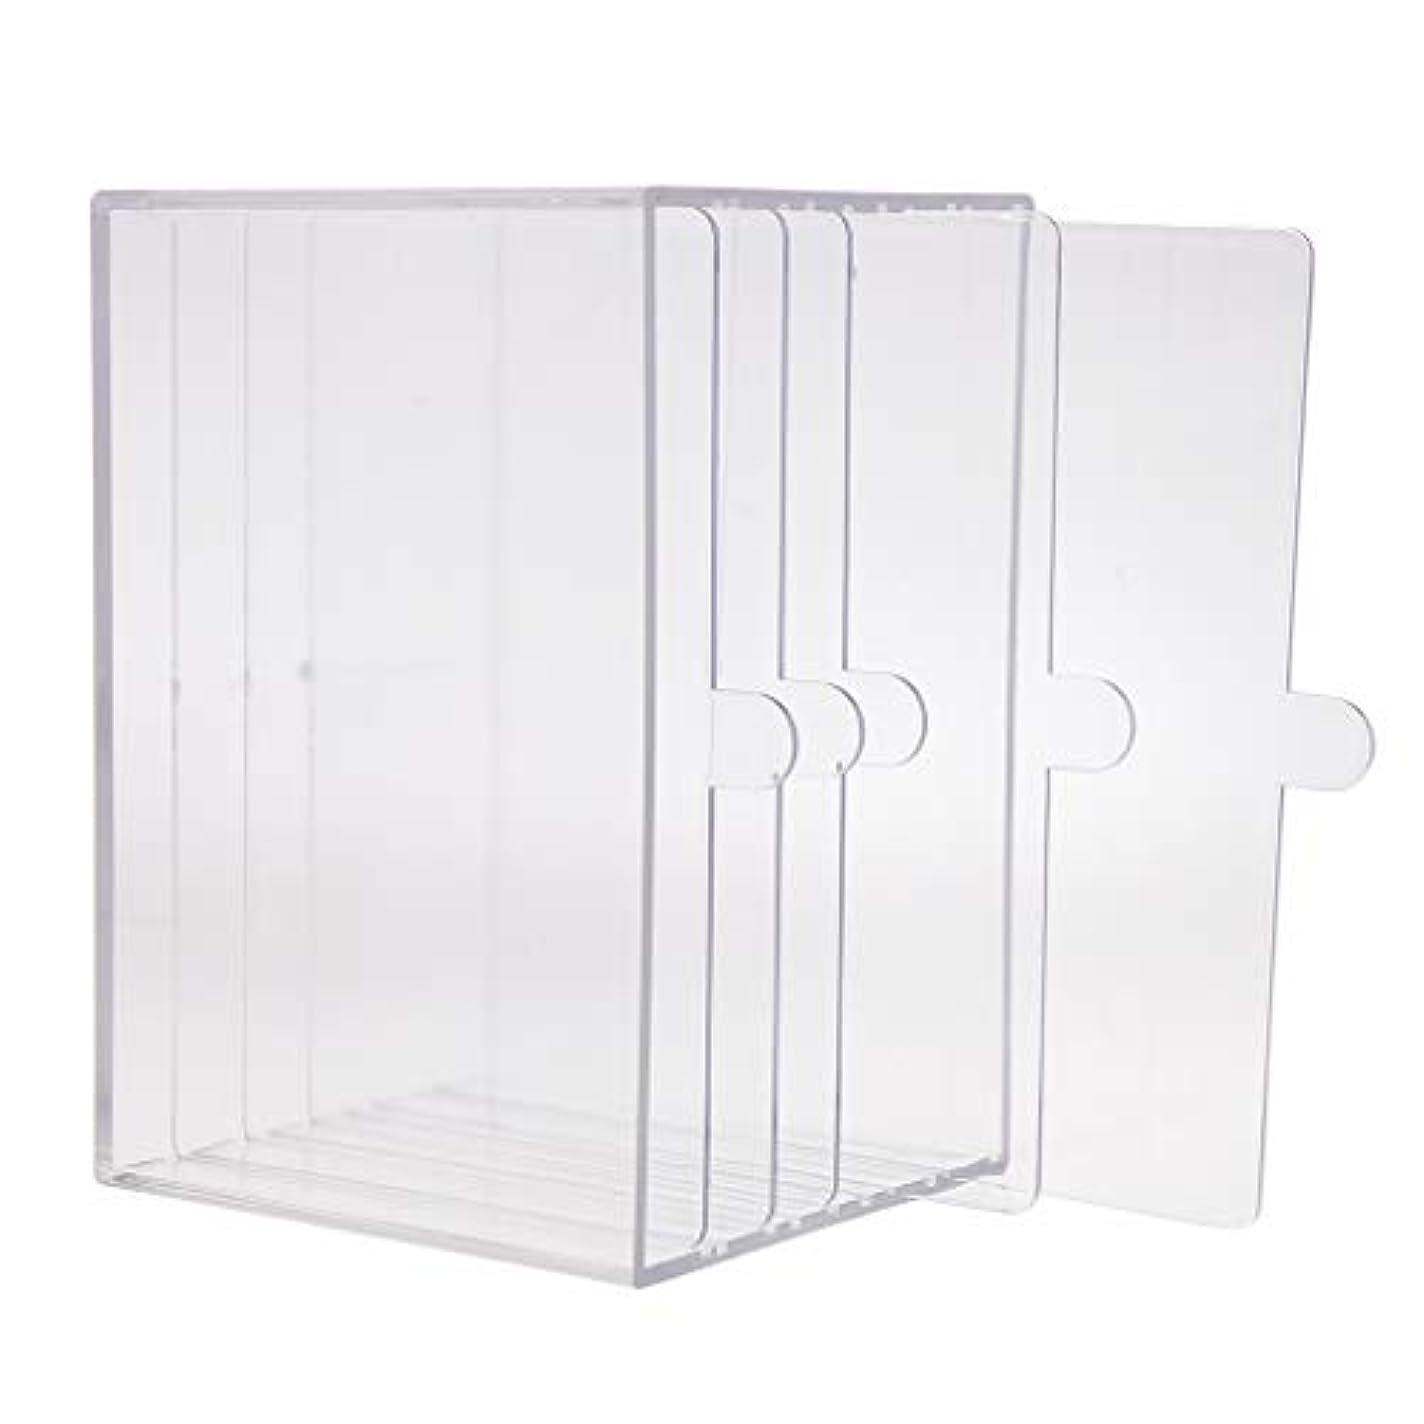 連合ゴム安心ネイルアート ディスプレイケース 収納ボックス ネイルチップ 収納容器 サロンツール プロ用